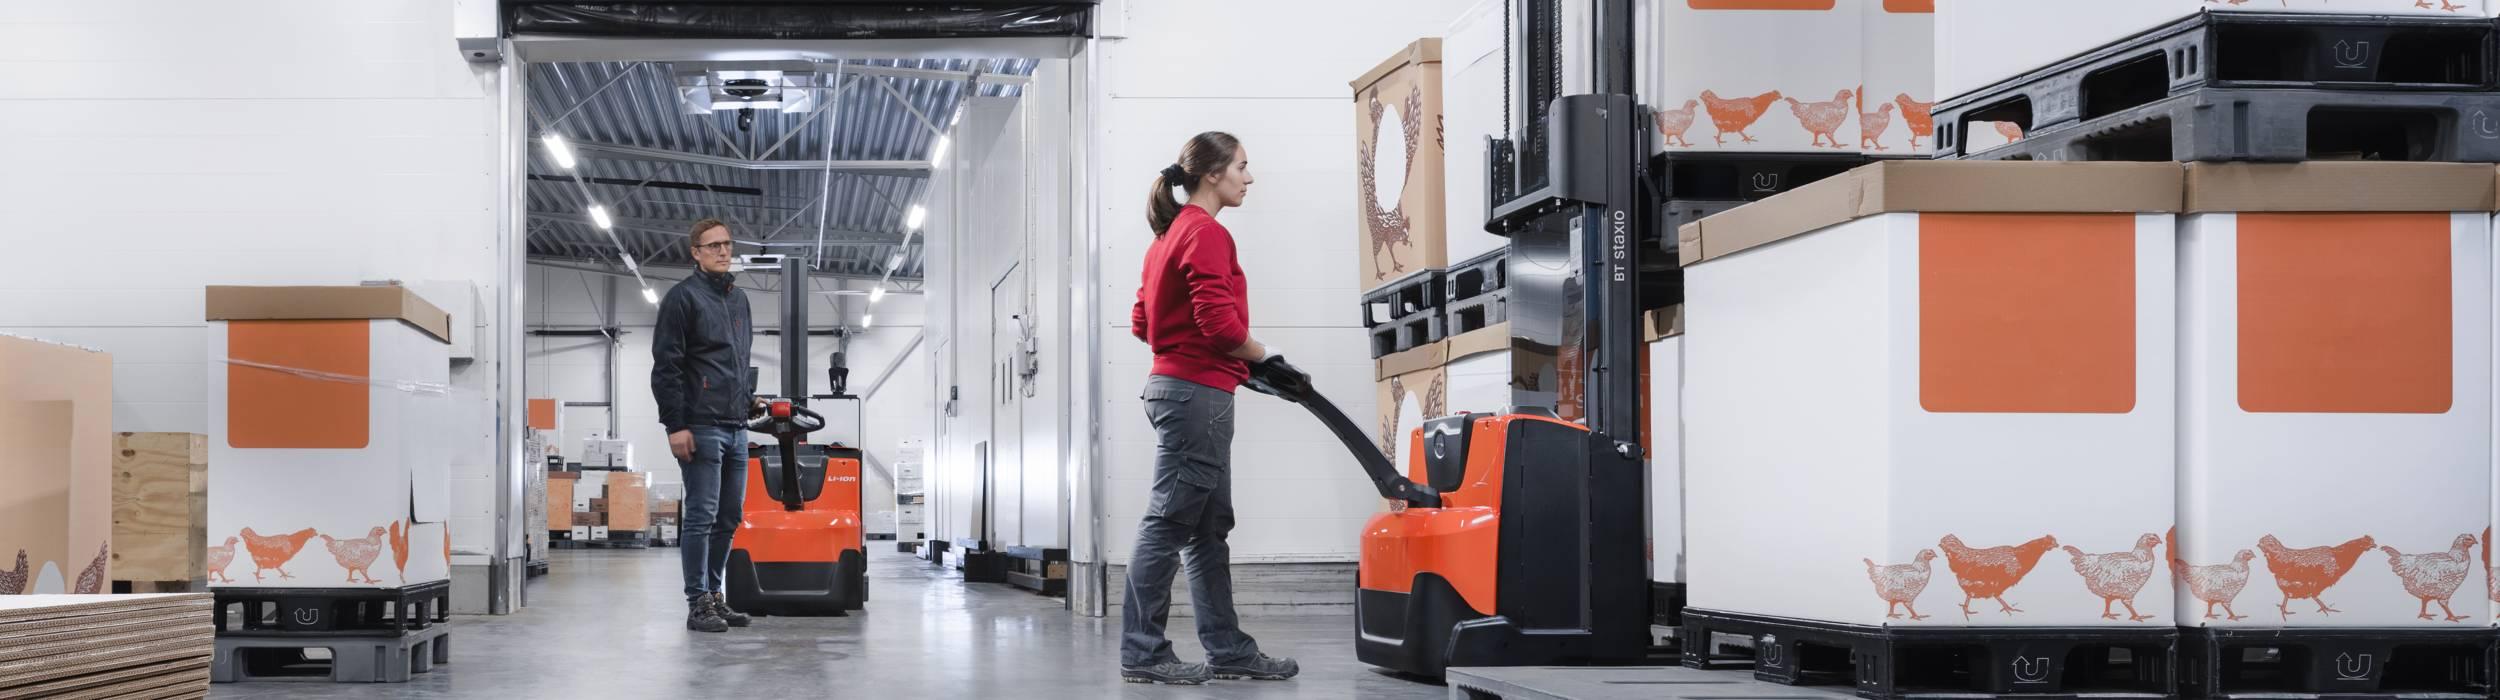 BT Staxio W-serien - bredere udvalg af funktioner til rådighed for øget sikkerhed og produktivitet